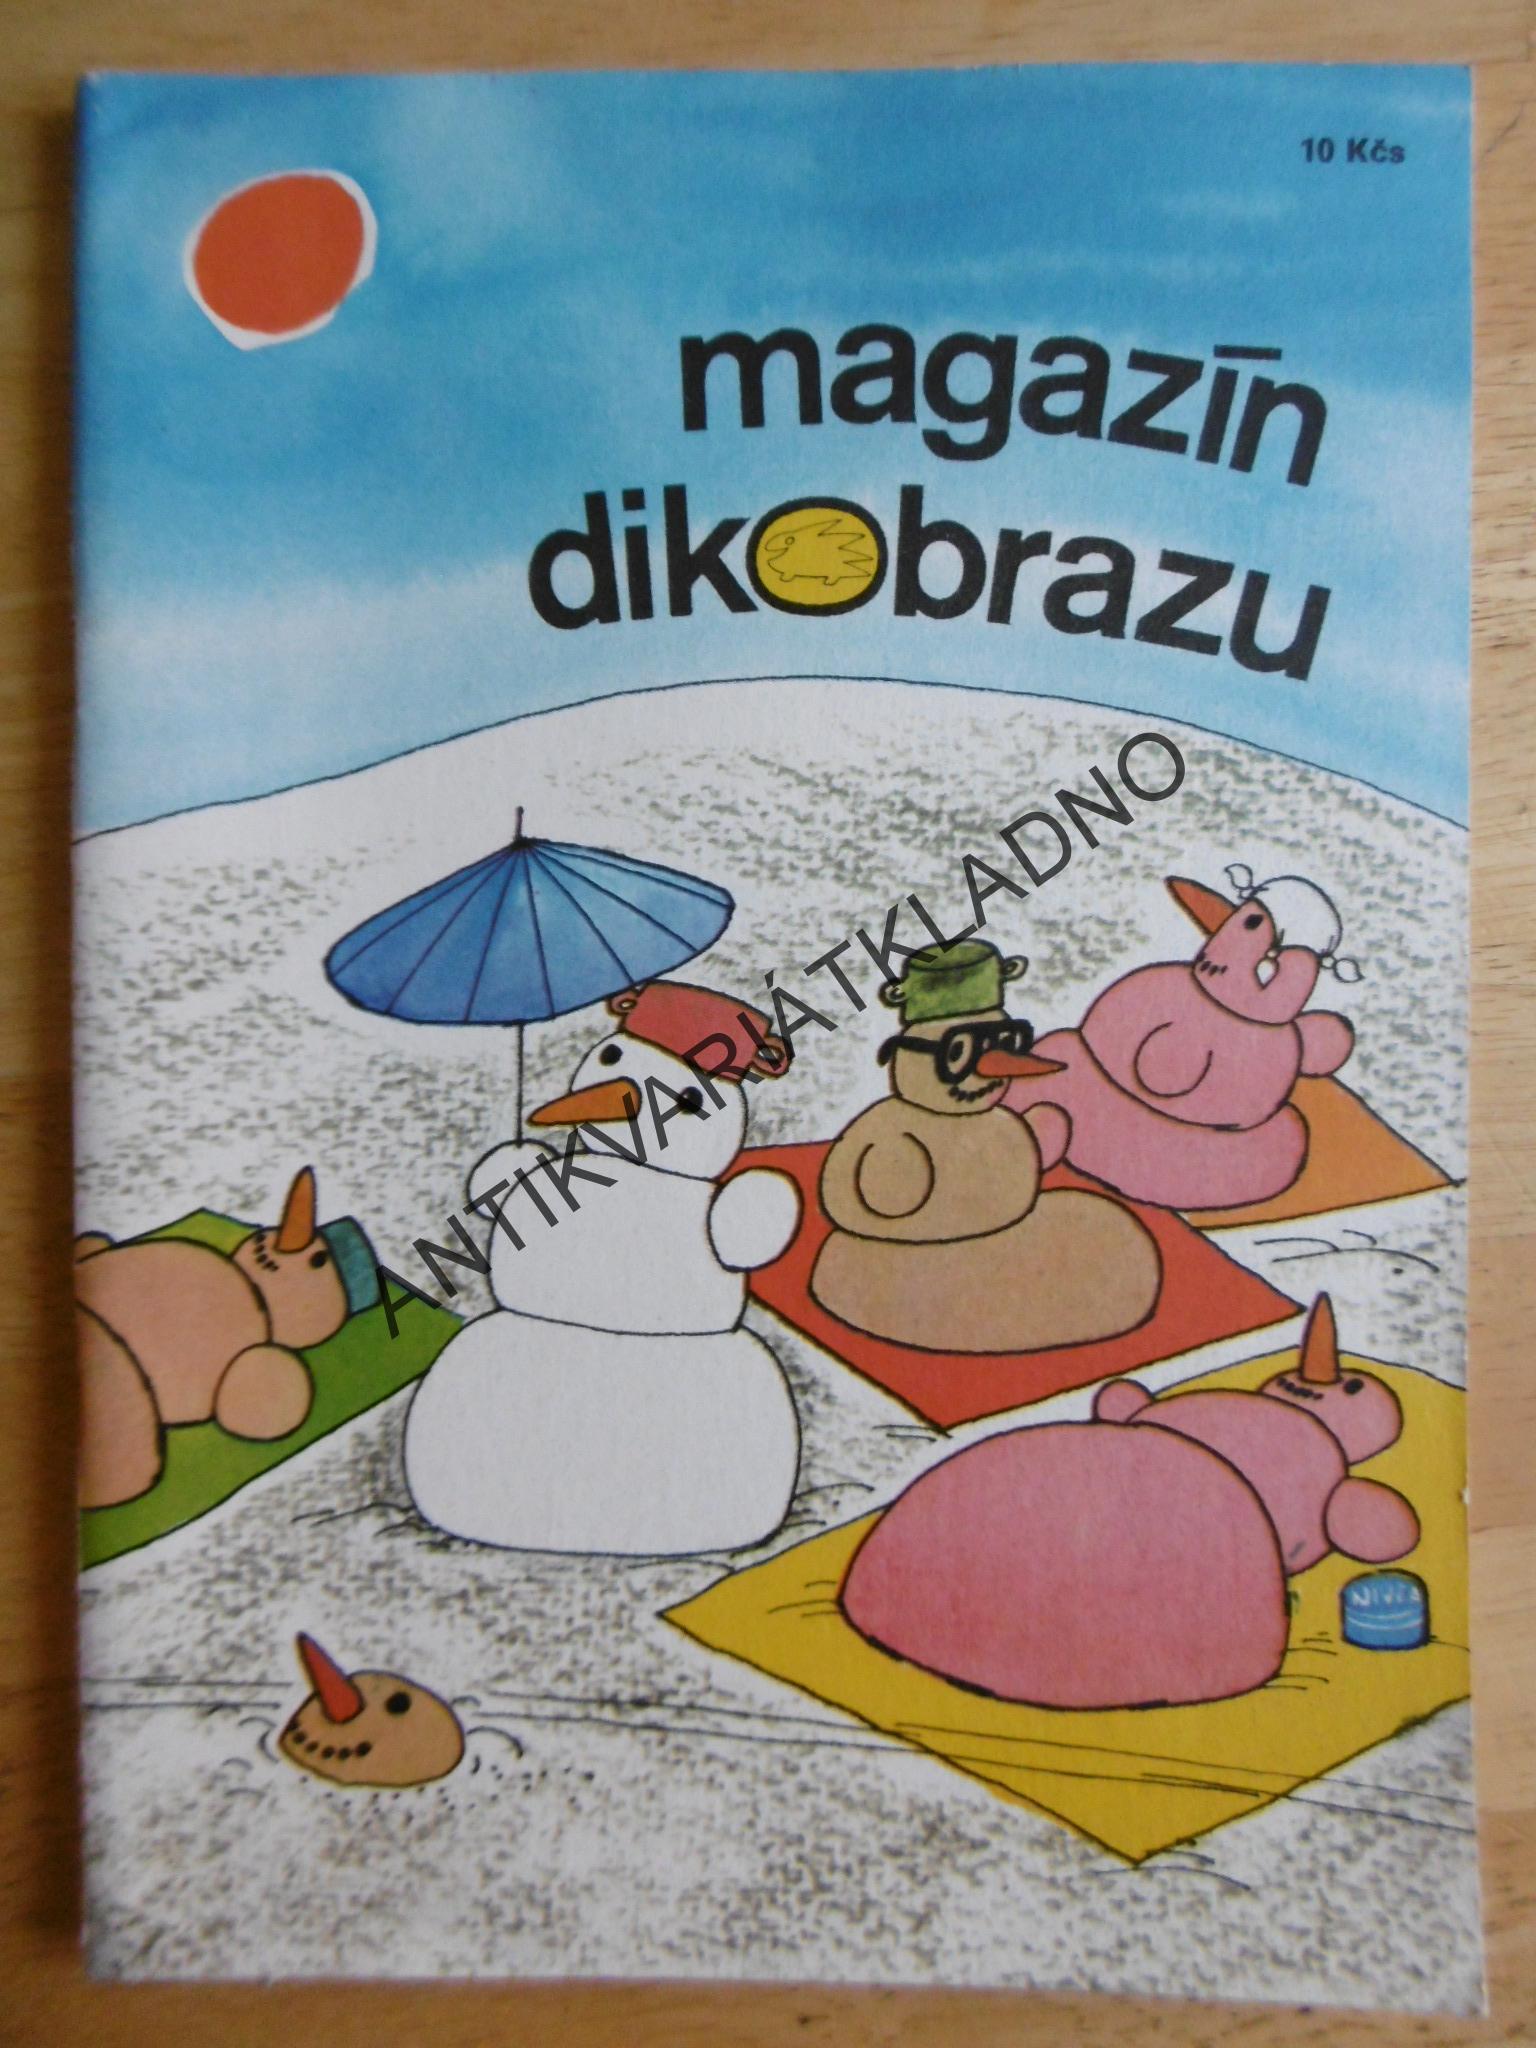 Humor Vtipy Kreslene Magazin Dikobrazu 198 Antikvariat Kladno